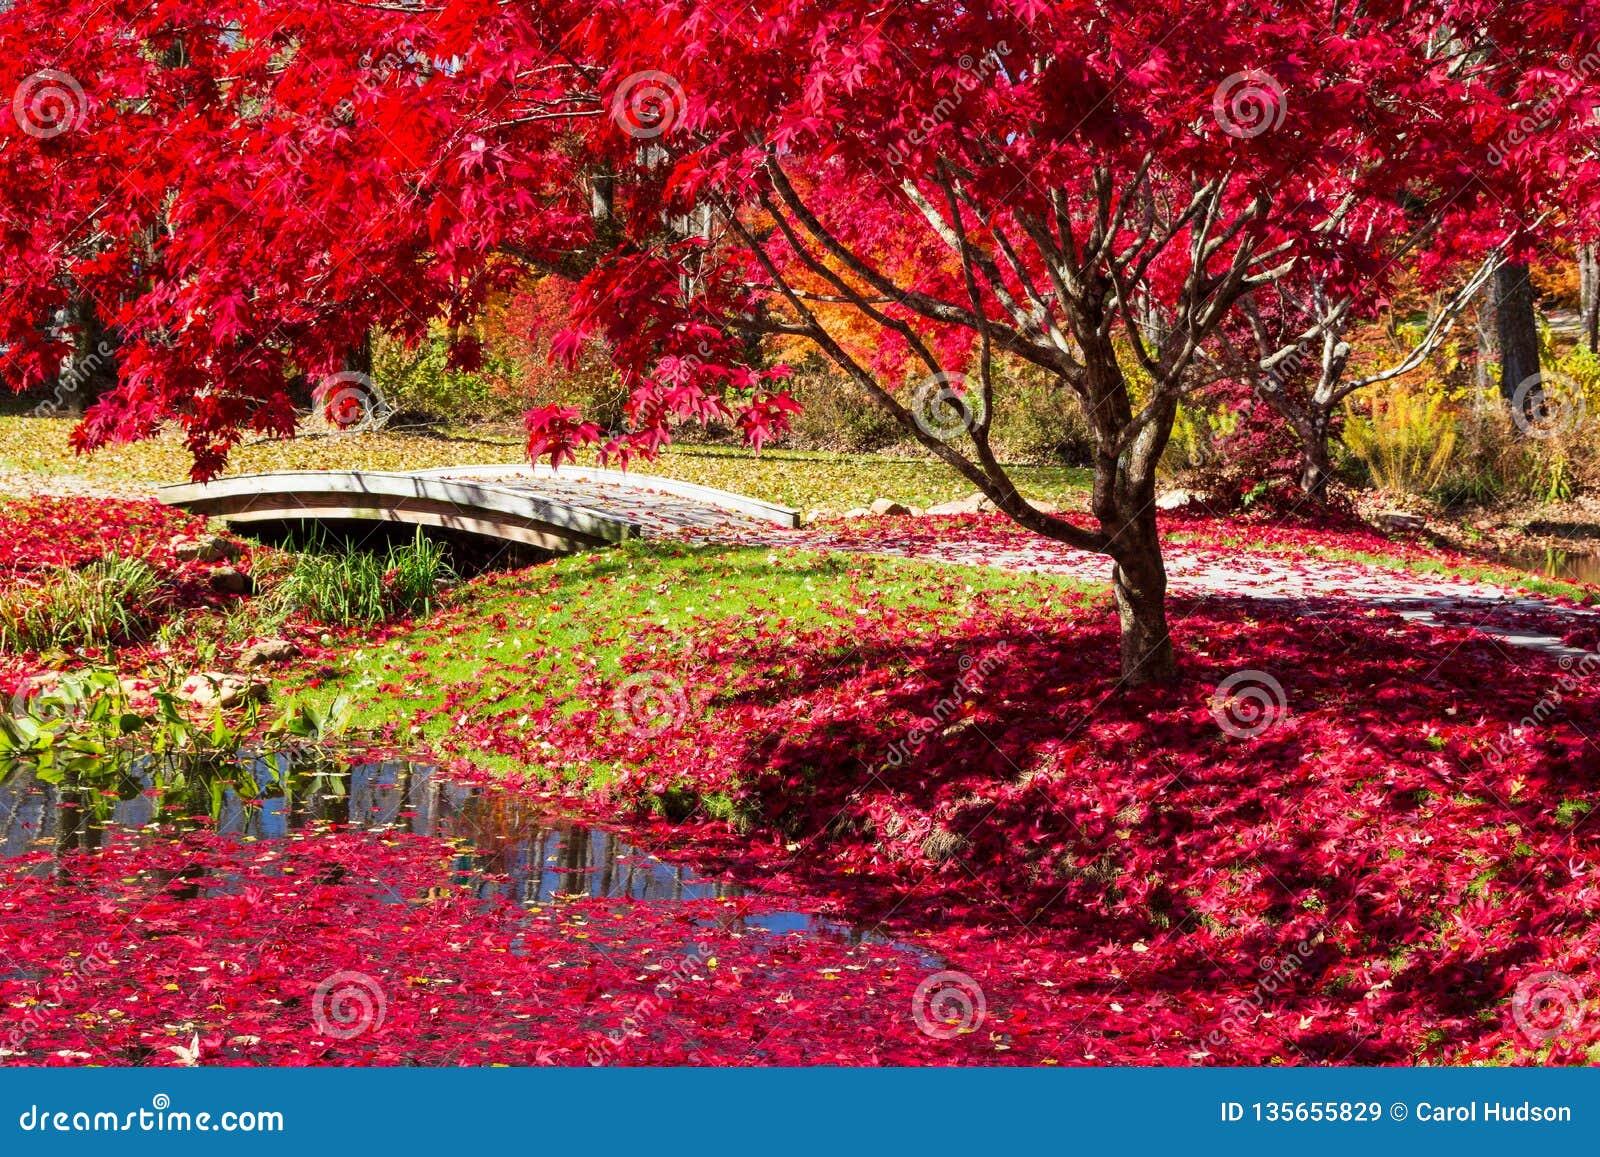 Röd-blad beströdd bana i de japanska trädgårdarna i Georgia